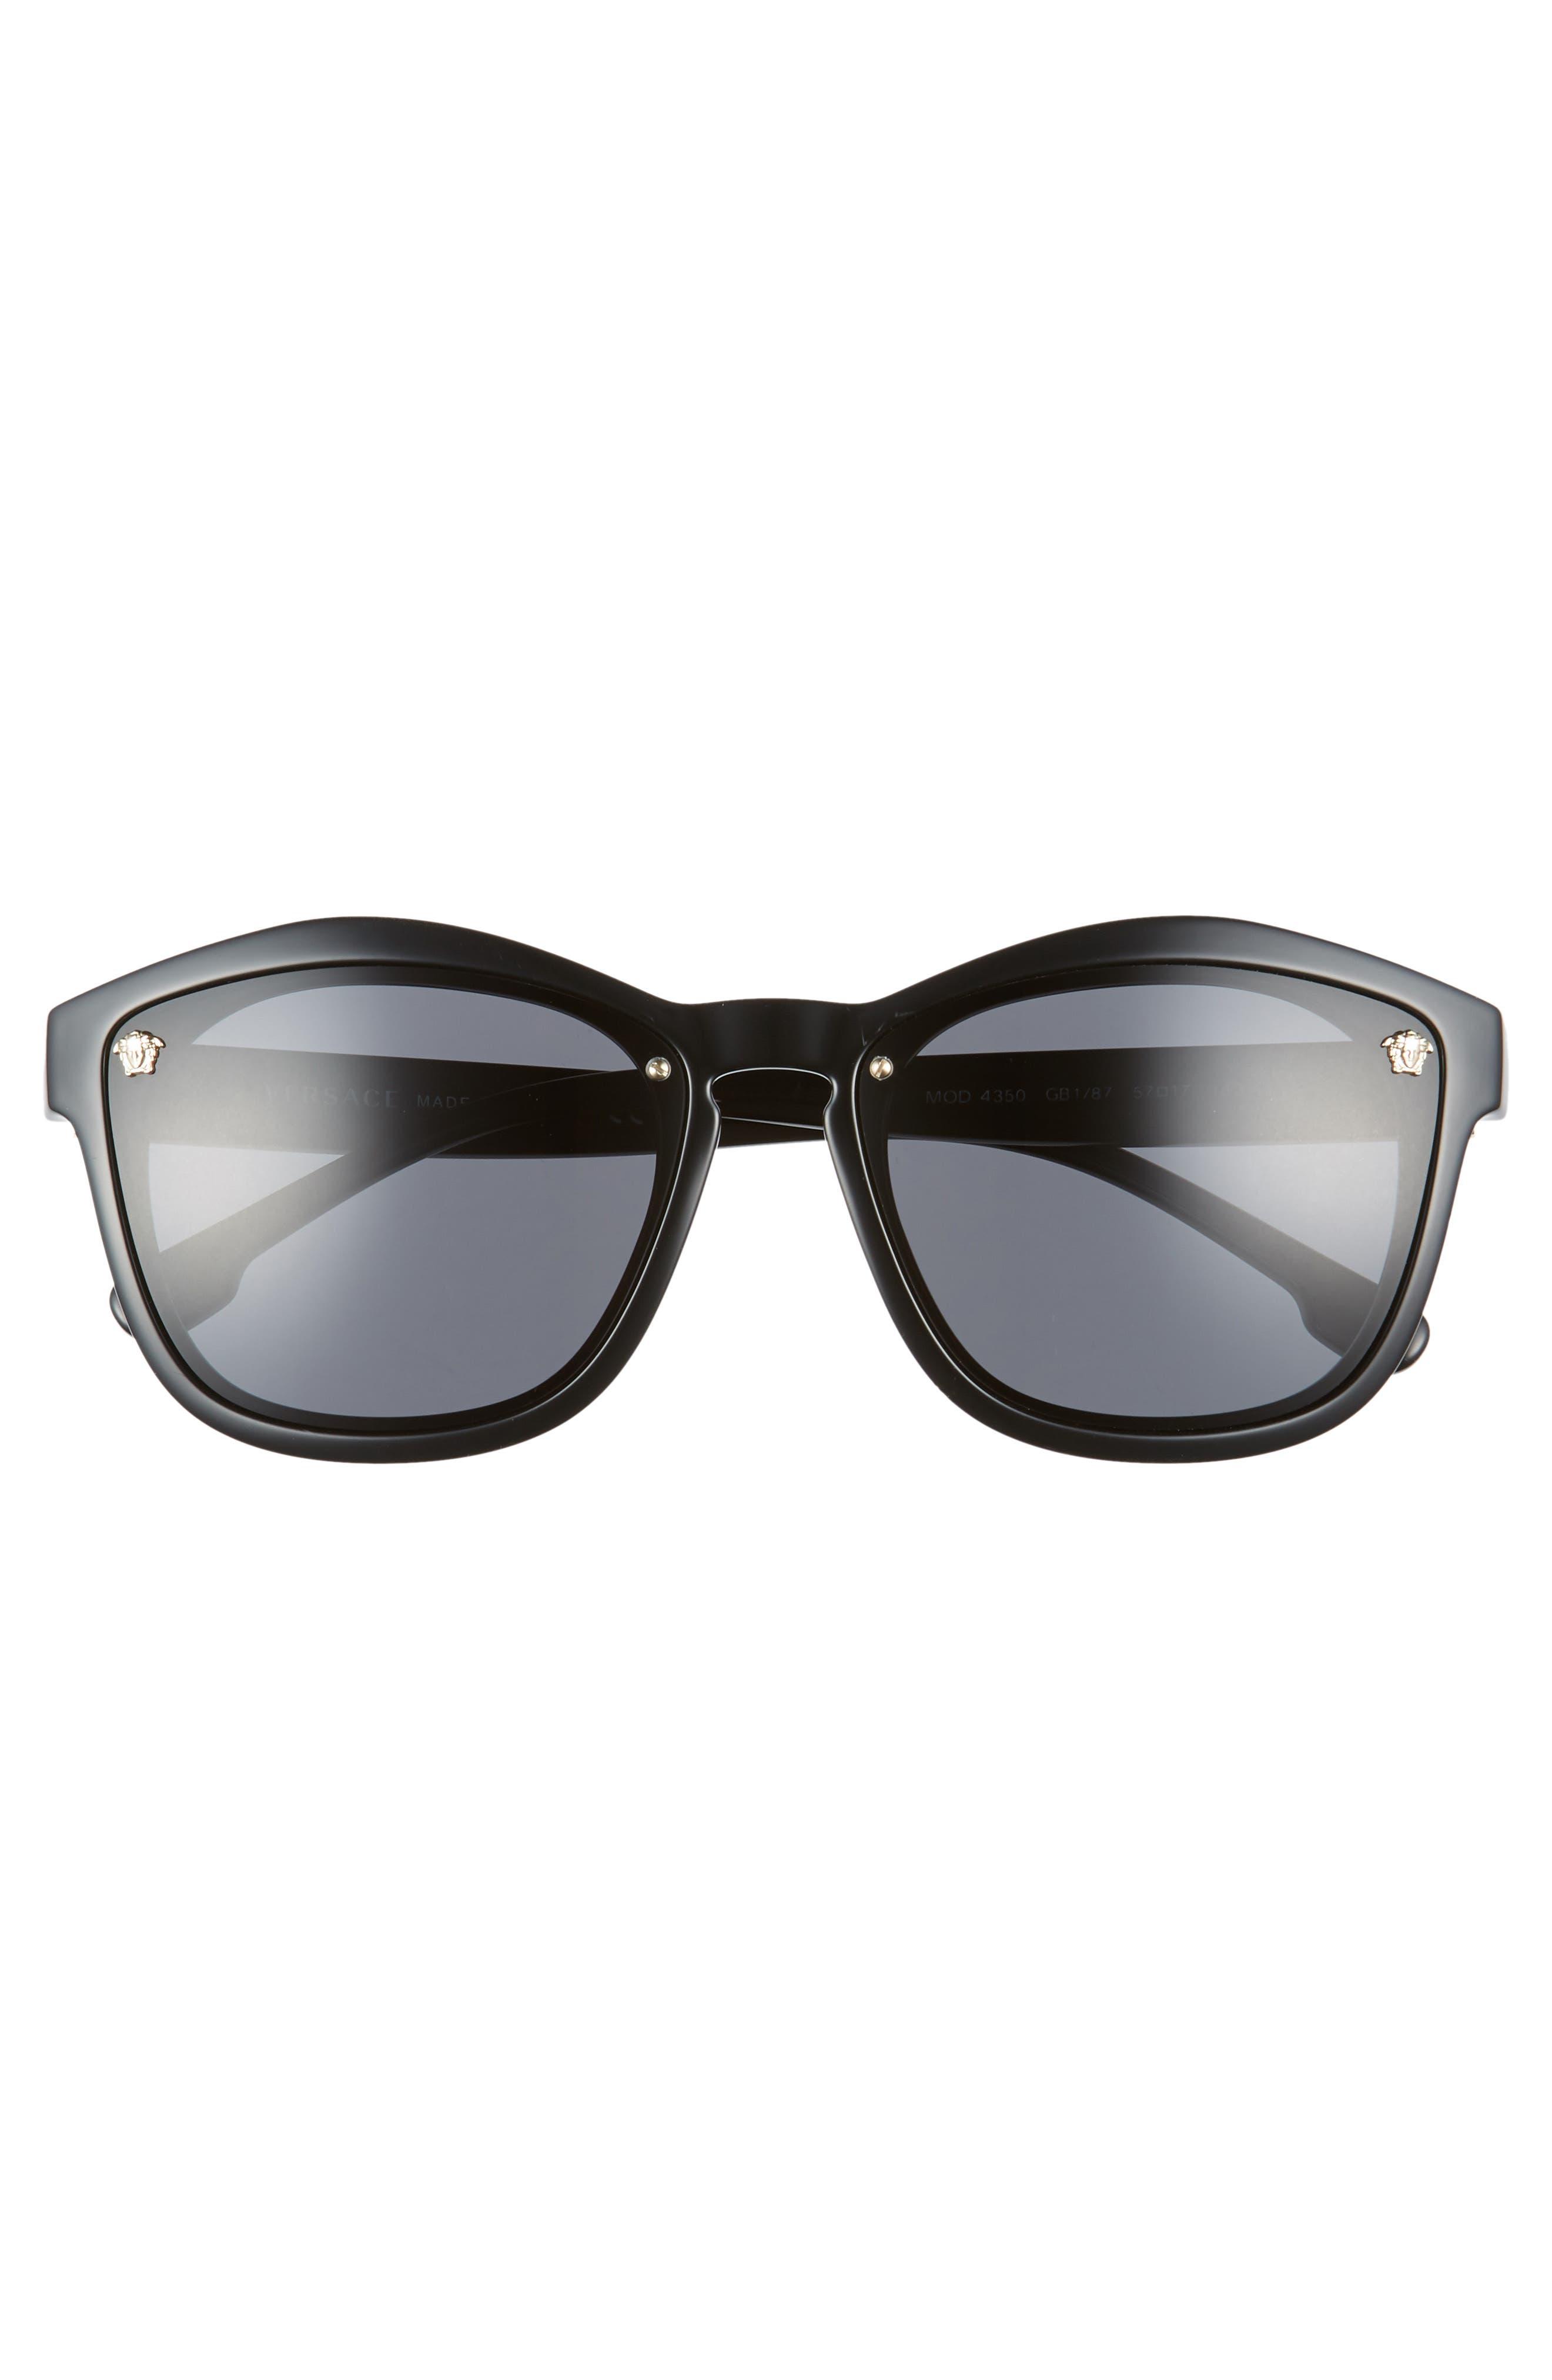 Medusa 57mm Square Sunglasses,                             Alternate thumbnail 3, color,                             001